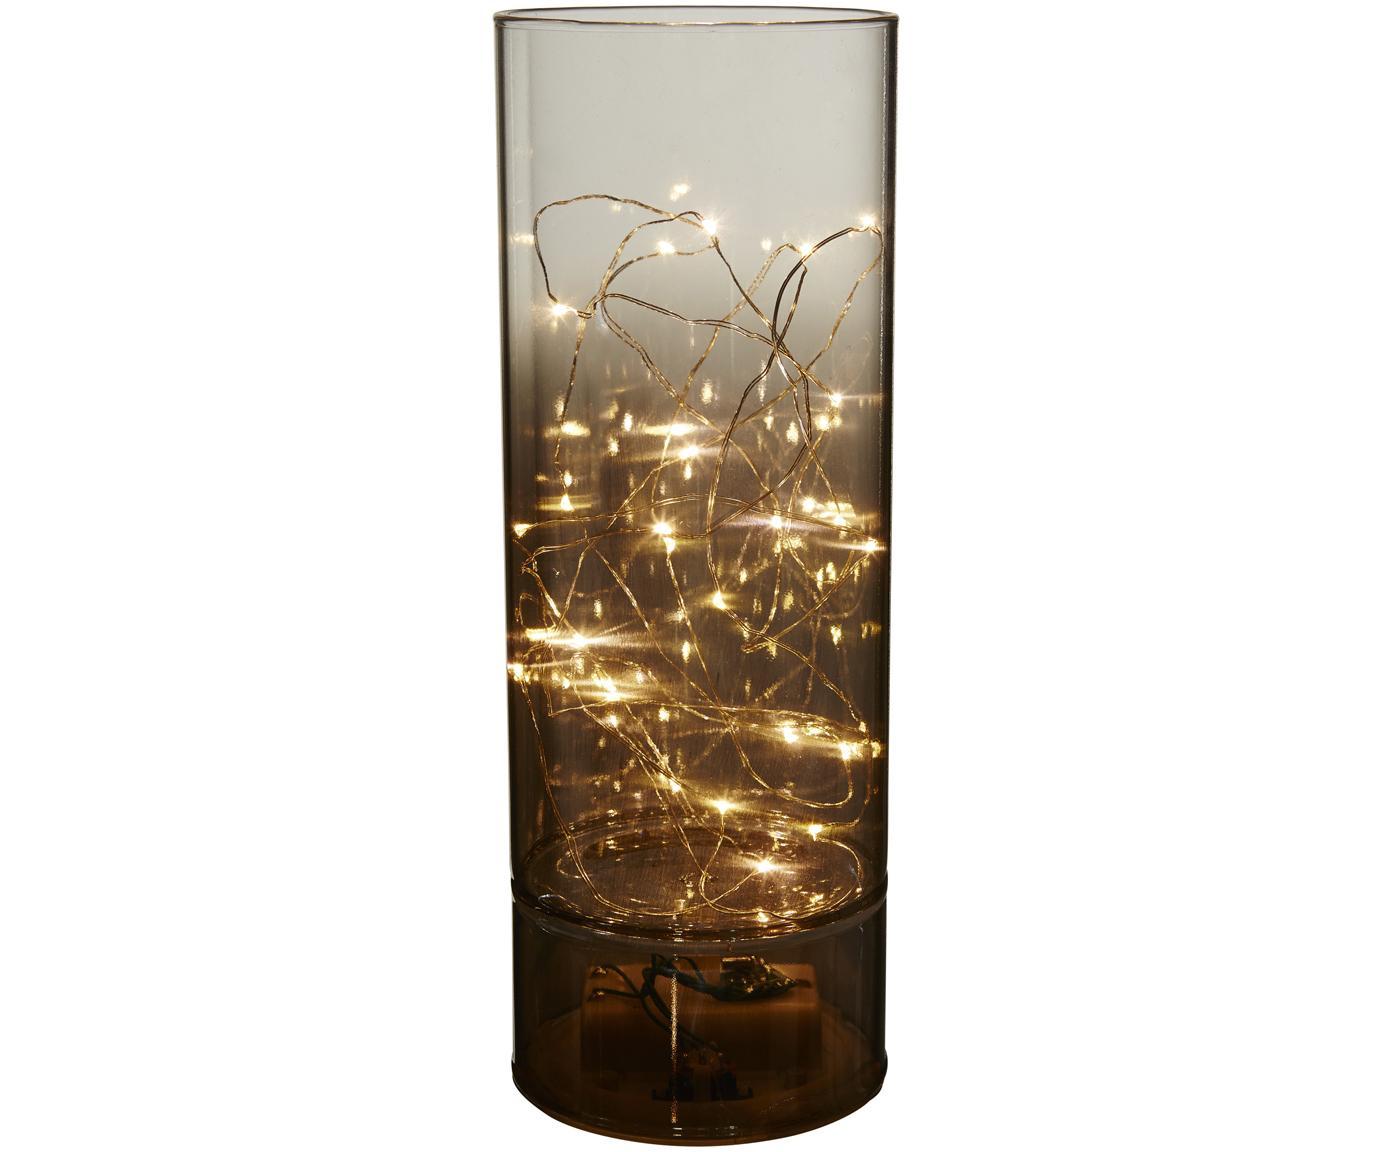 Lichtobject Mirror Tube, Grijs, Ø 9 x H 25 cm